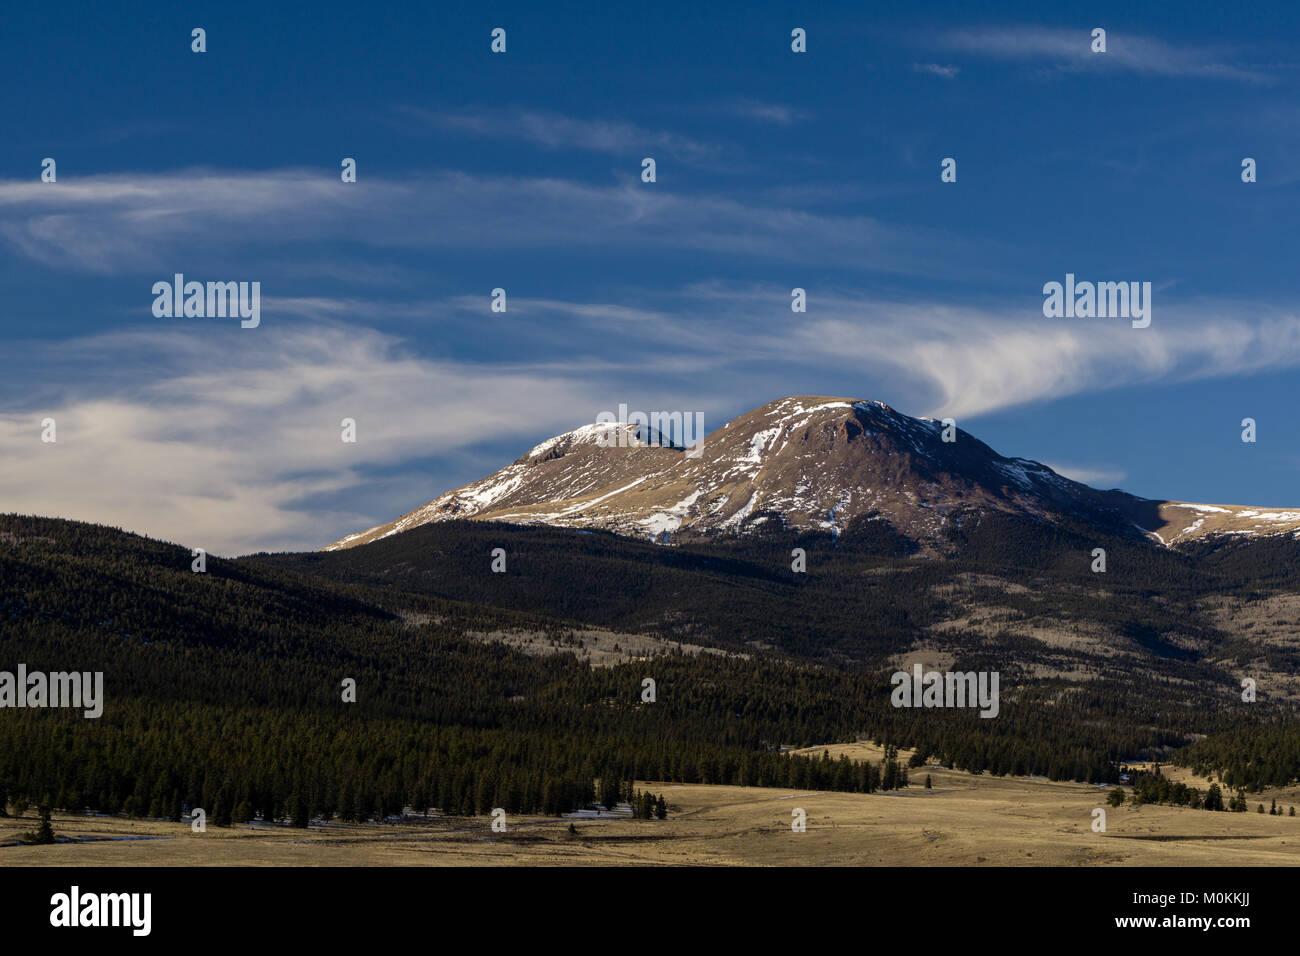 The Buffalo Peaks Wilderness, near Fairplay, Colorado. - Stock Image